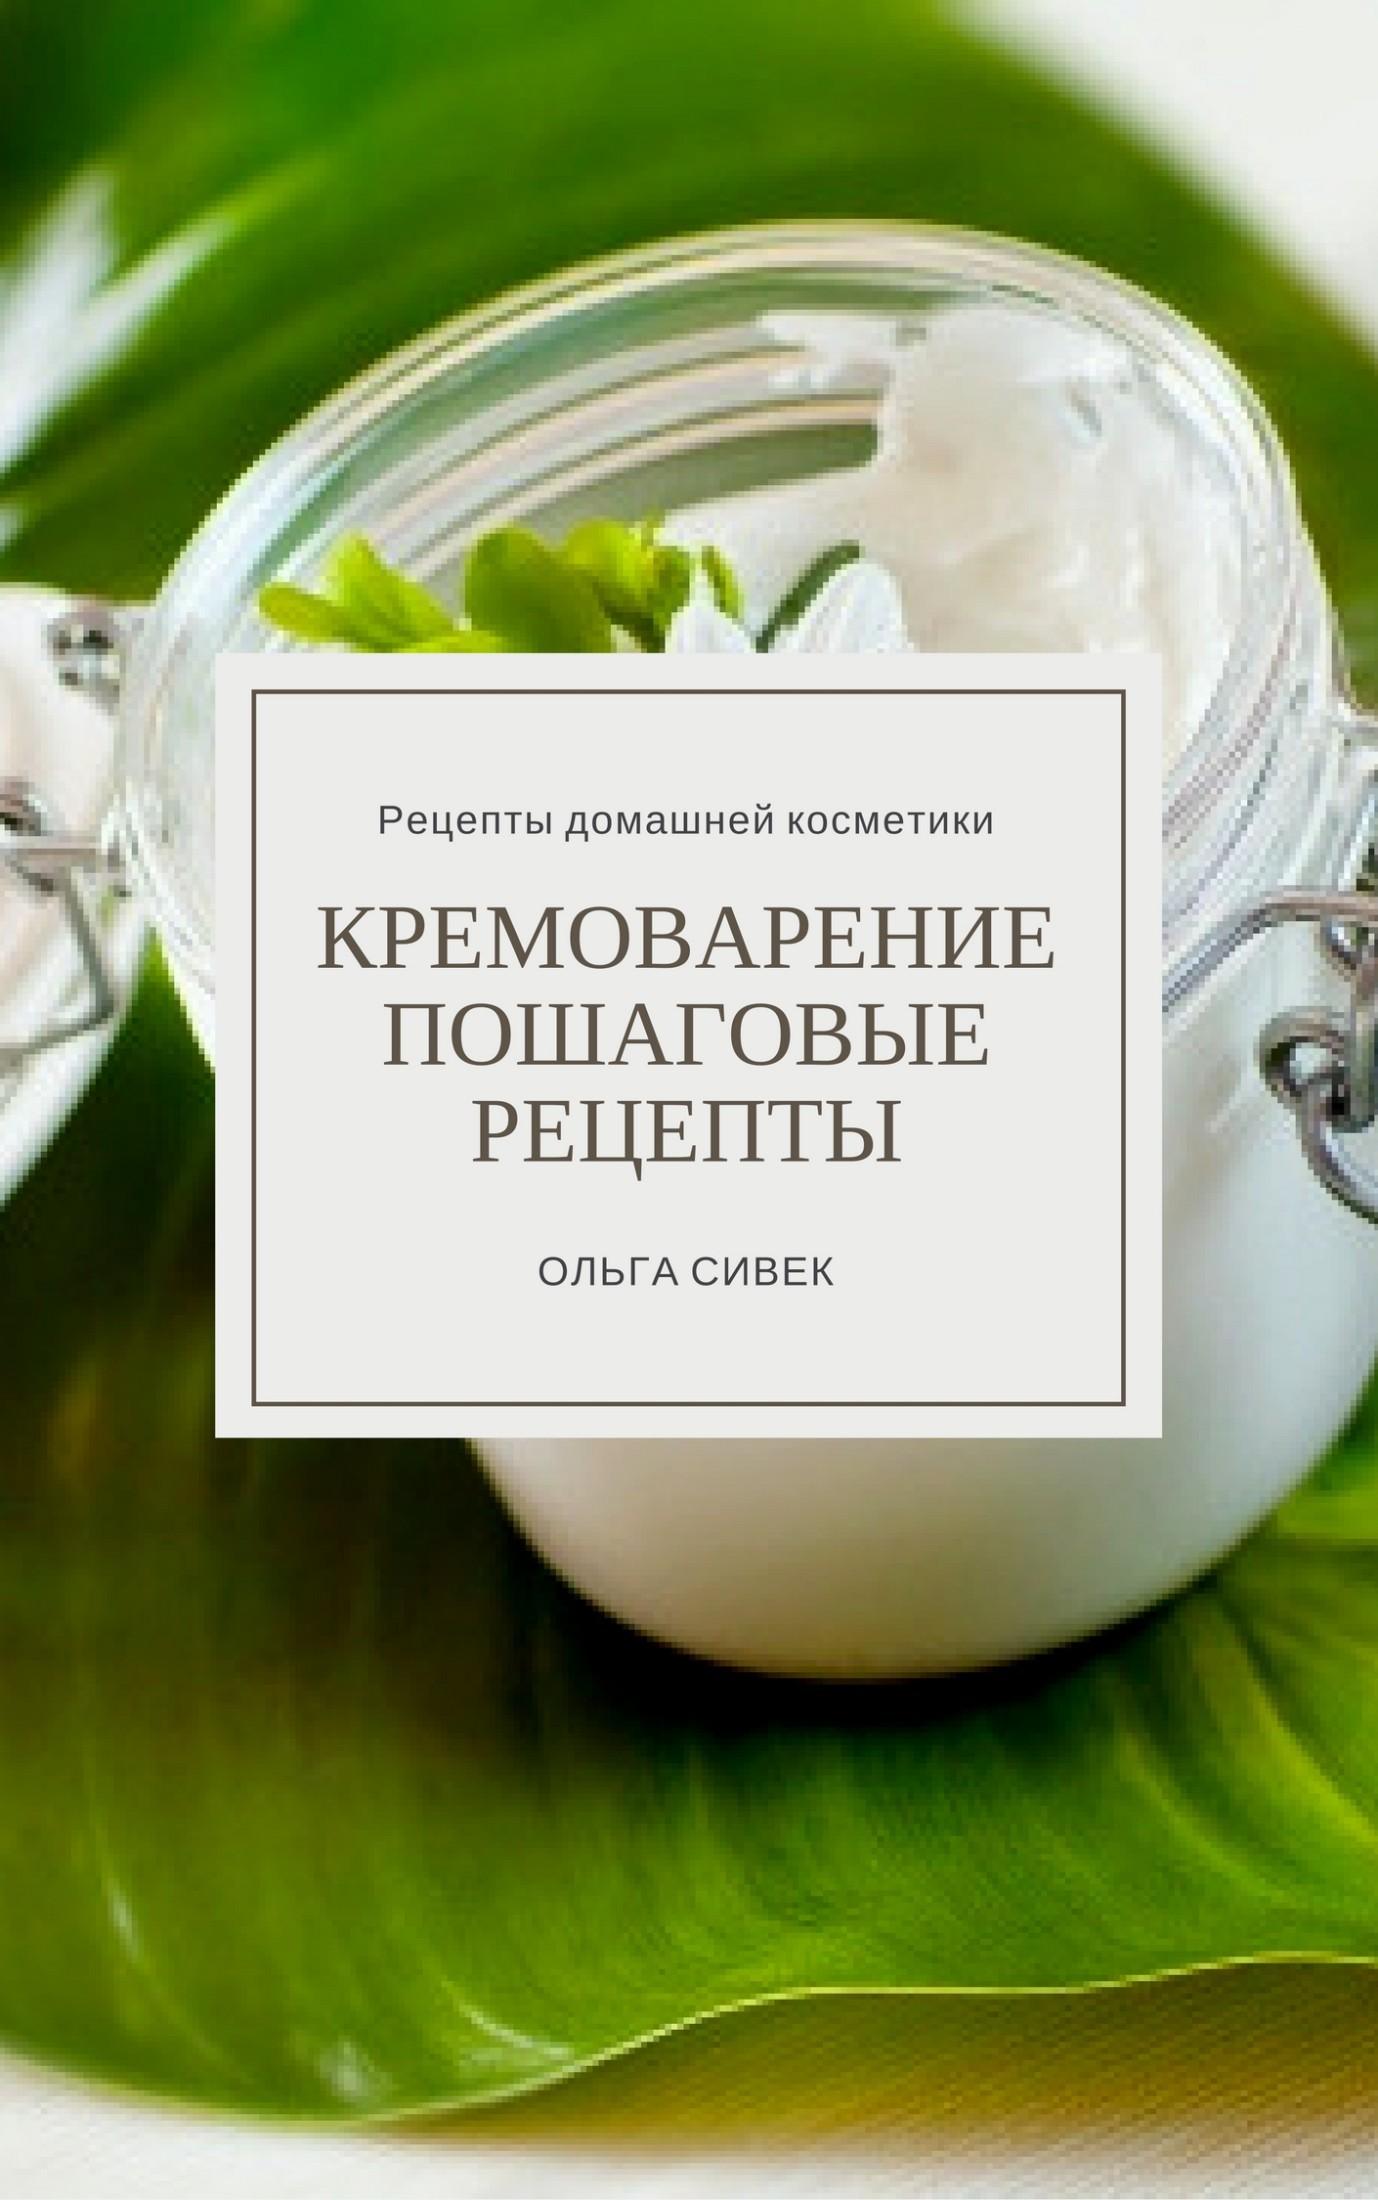 Ольга Сергеевна Сивек Кремоварение. Пошаговые рецепты